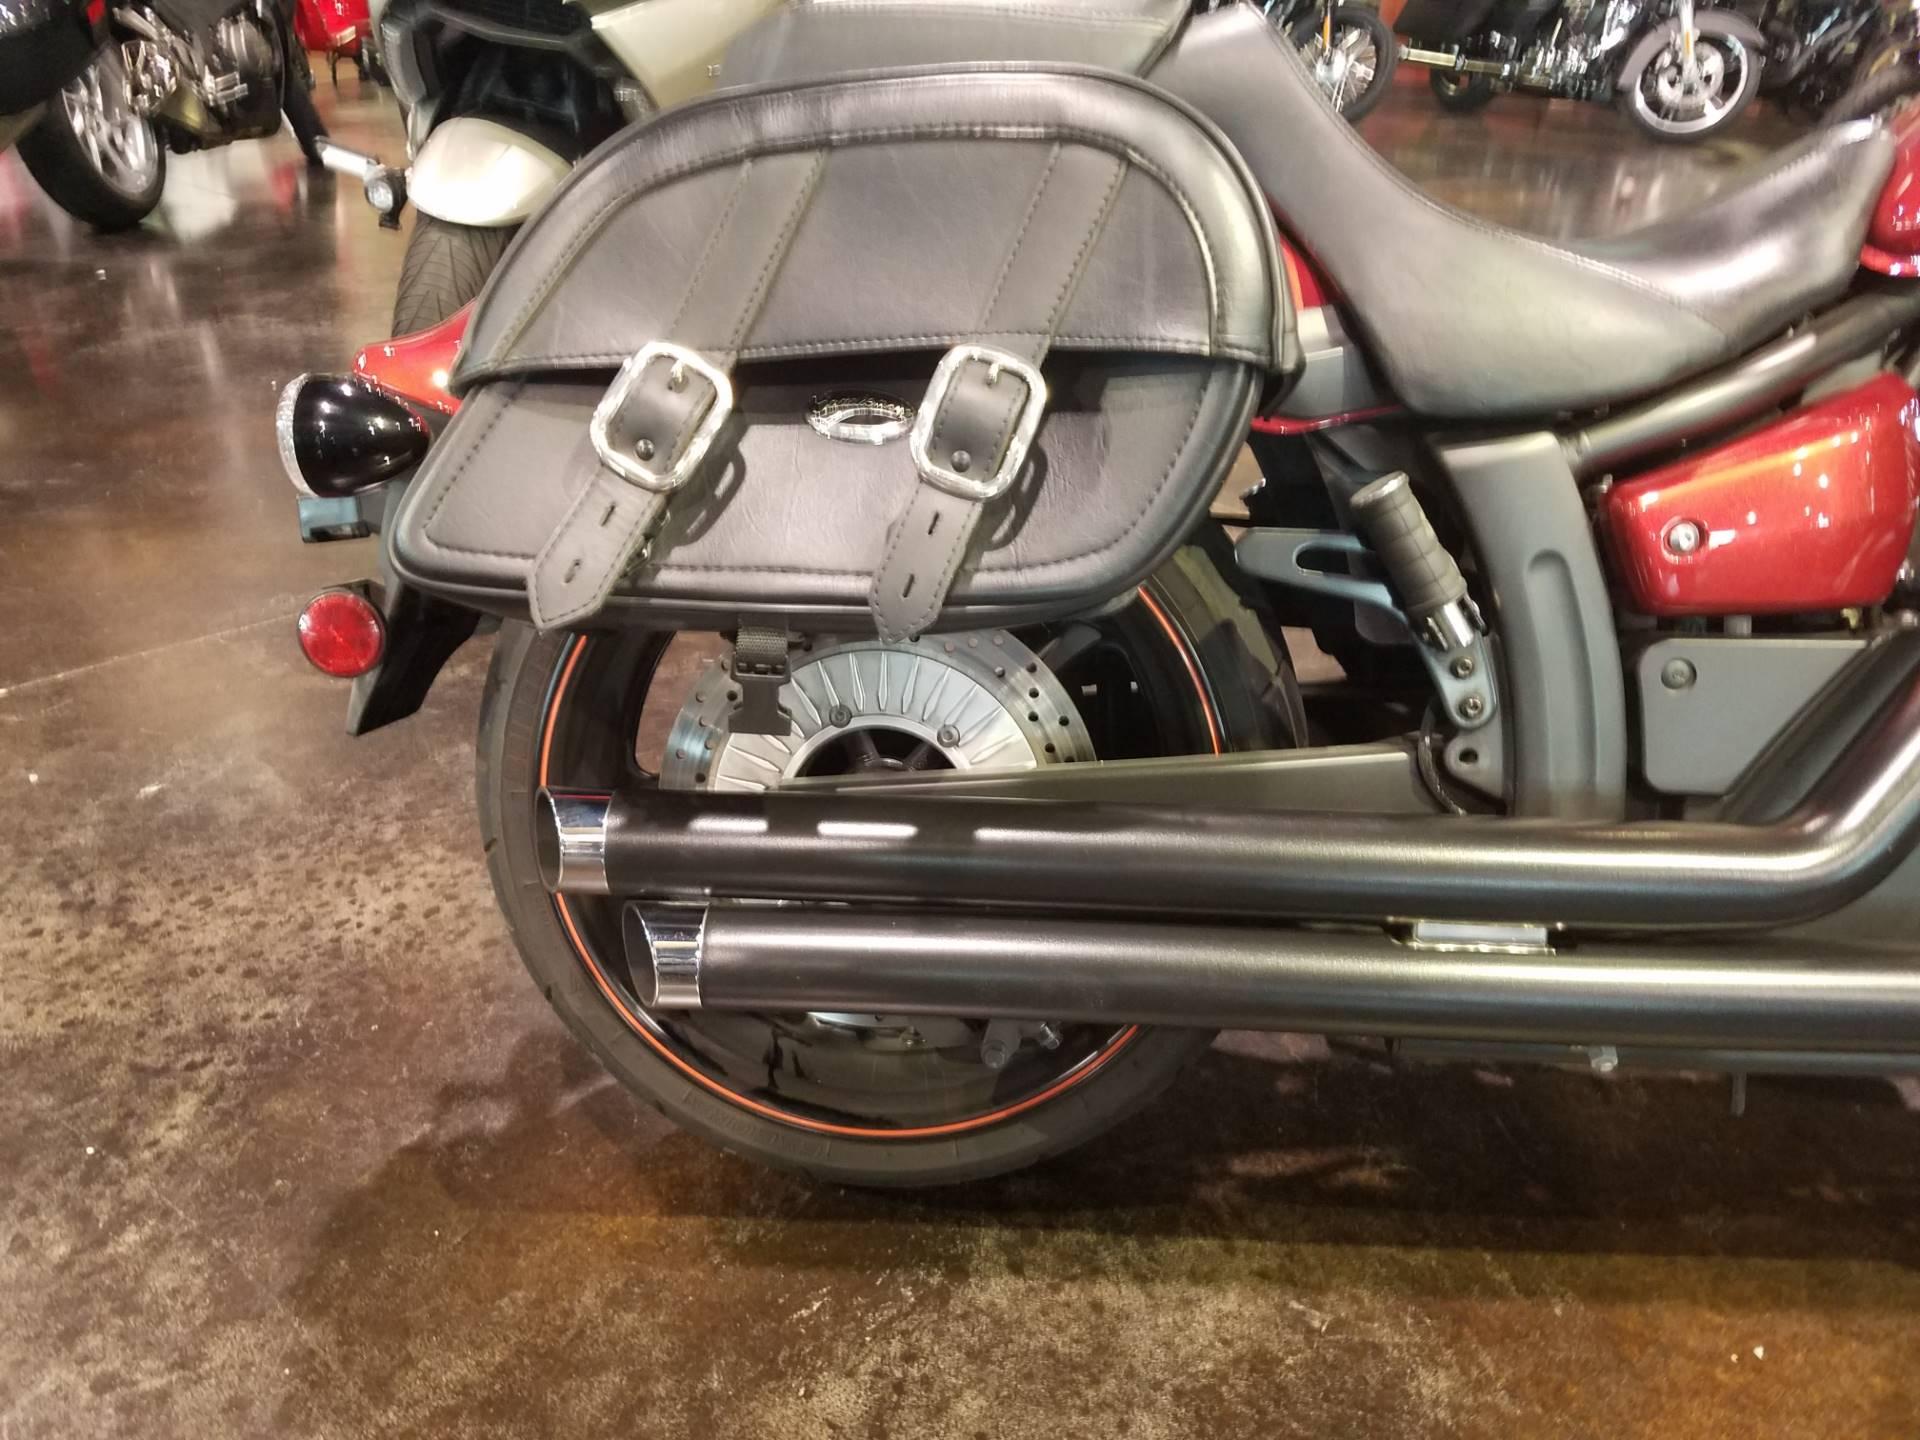 2012 Yamaha Stryker 4